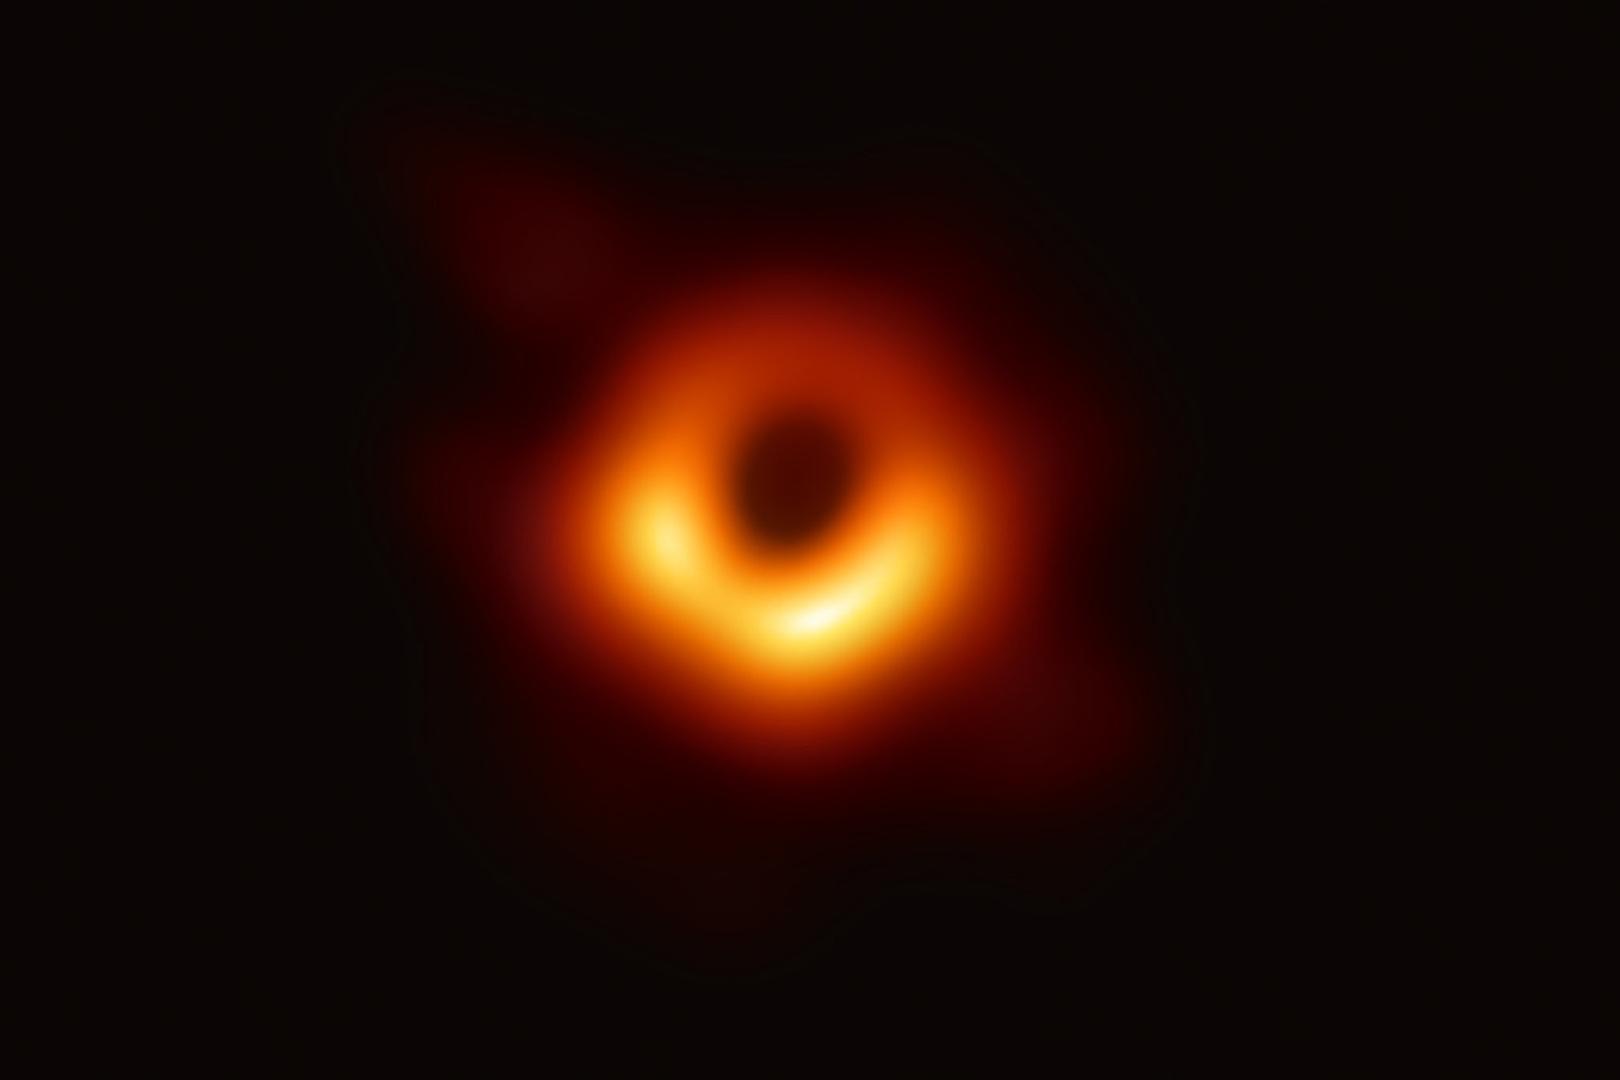 event-horizon-black-hole-images-1554901170942-threeByTwoLargeAt2X-v2.jpg